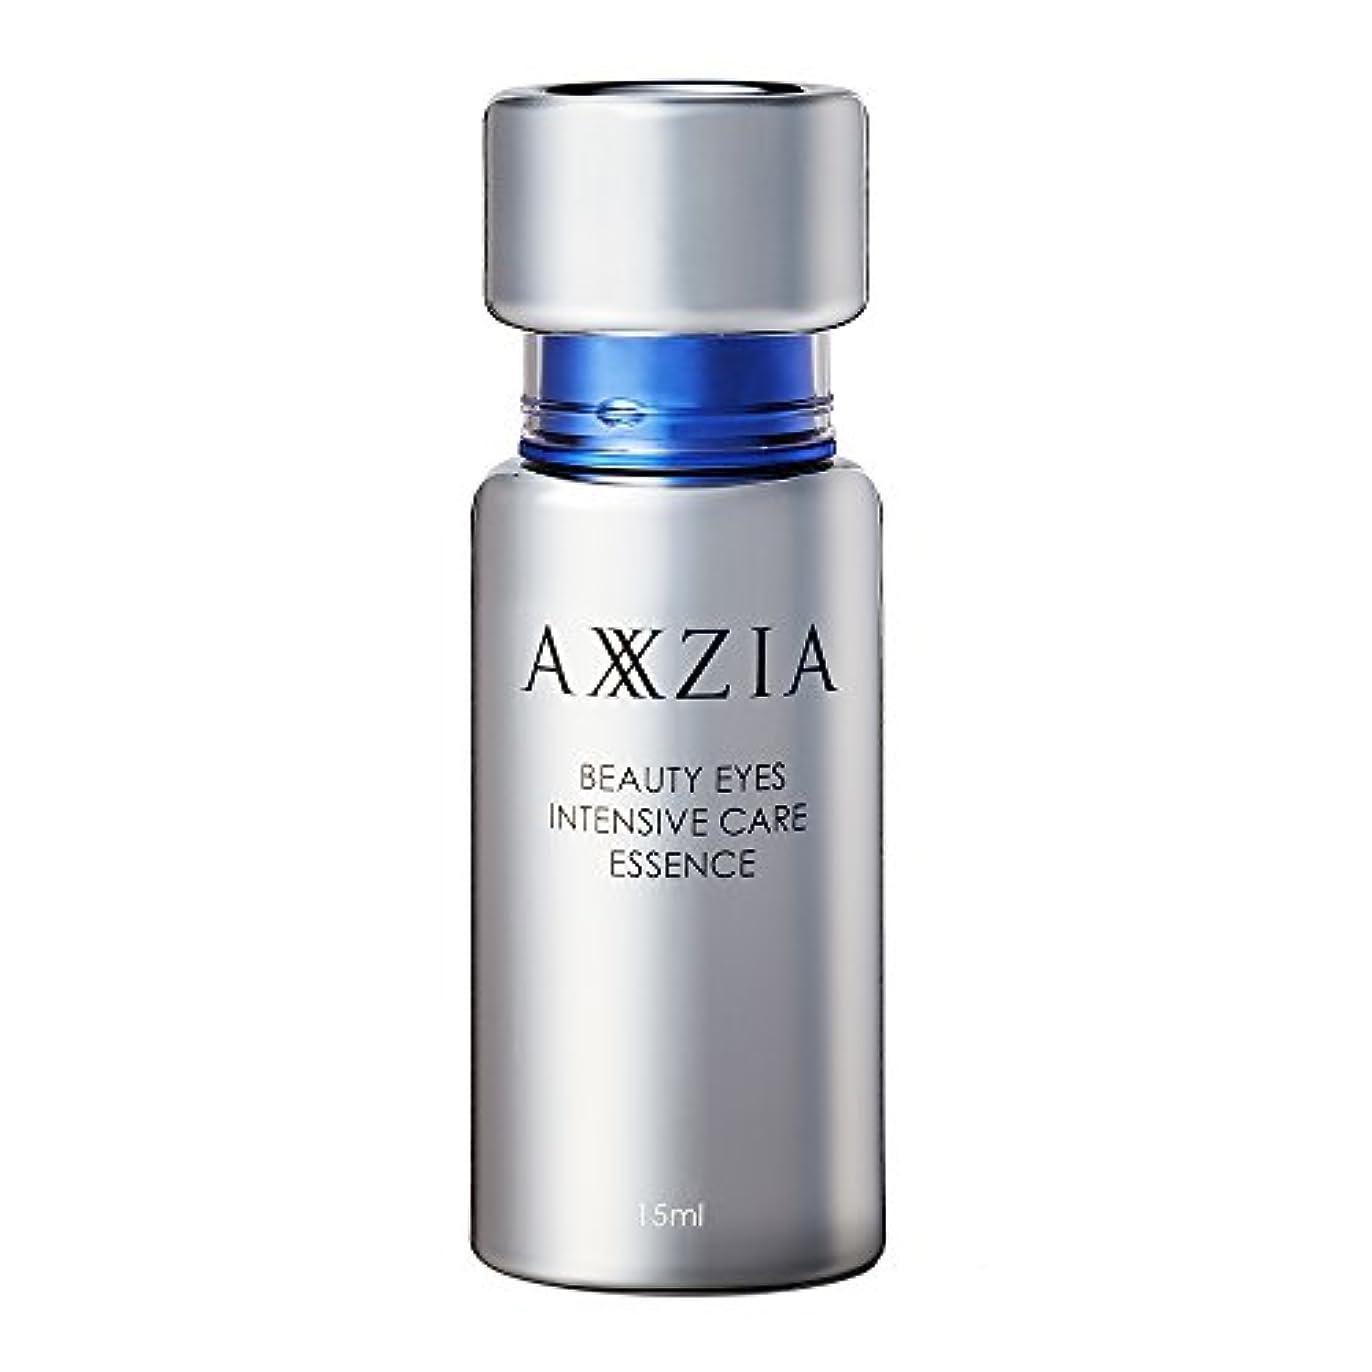 担保コンテンポラリー合図アクシージア (AXXZIA) ビューティアイズ インテンシブ ケア エッセンス 15mL   目元美容液 目の下のたるみ 化粧品 解消 目元のたるみ